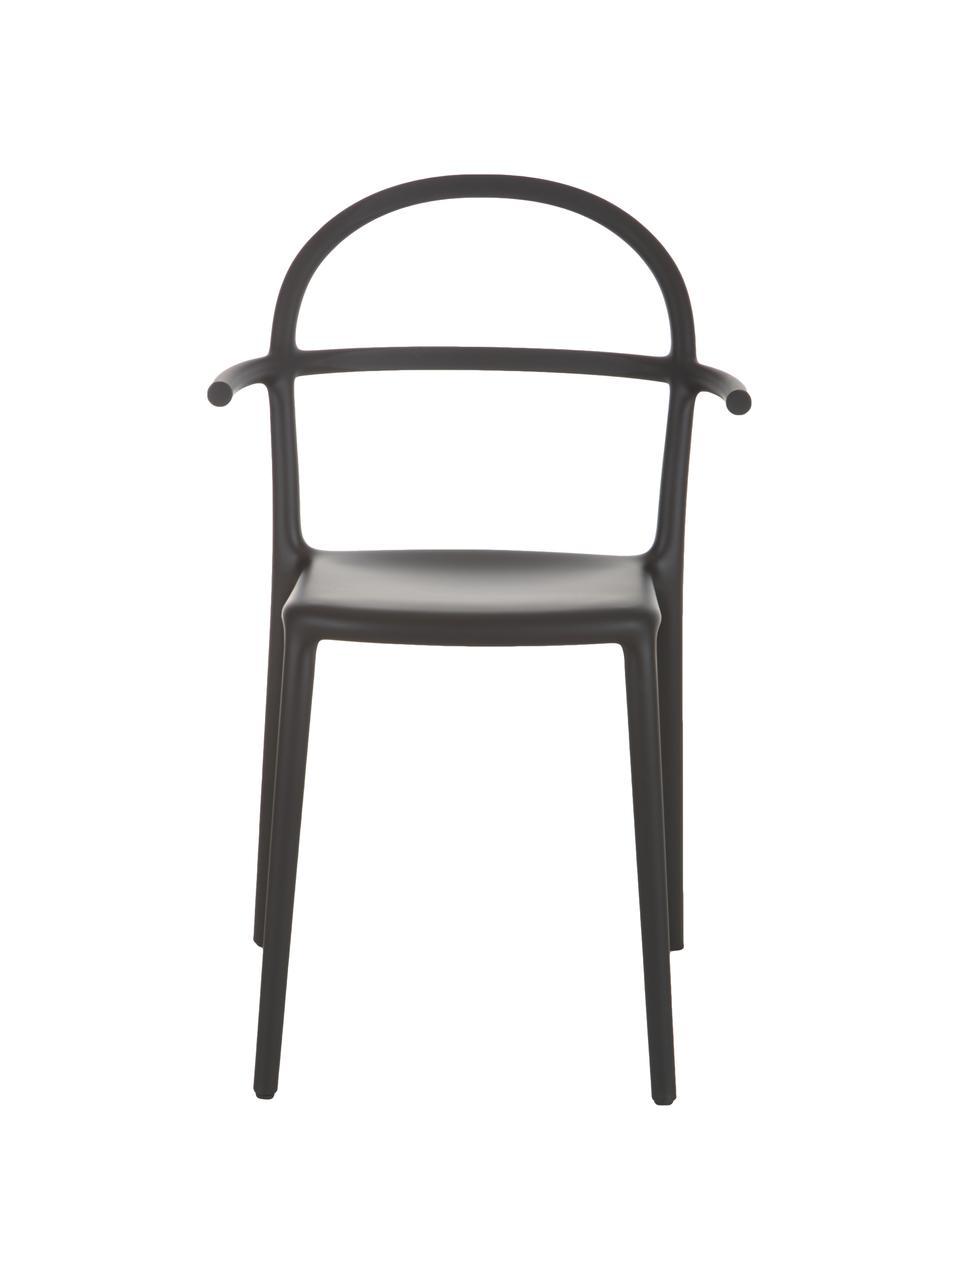 Chaise design noire Generic, 2pièces, Noir